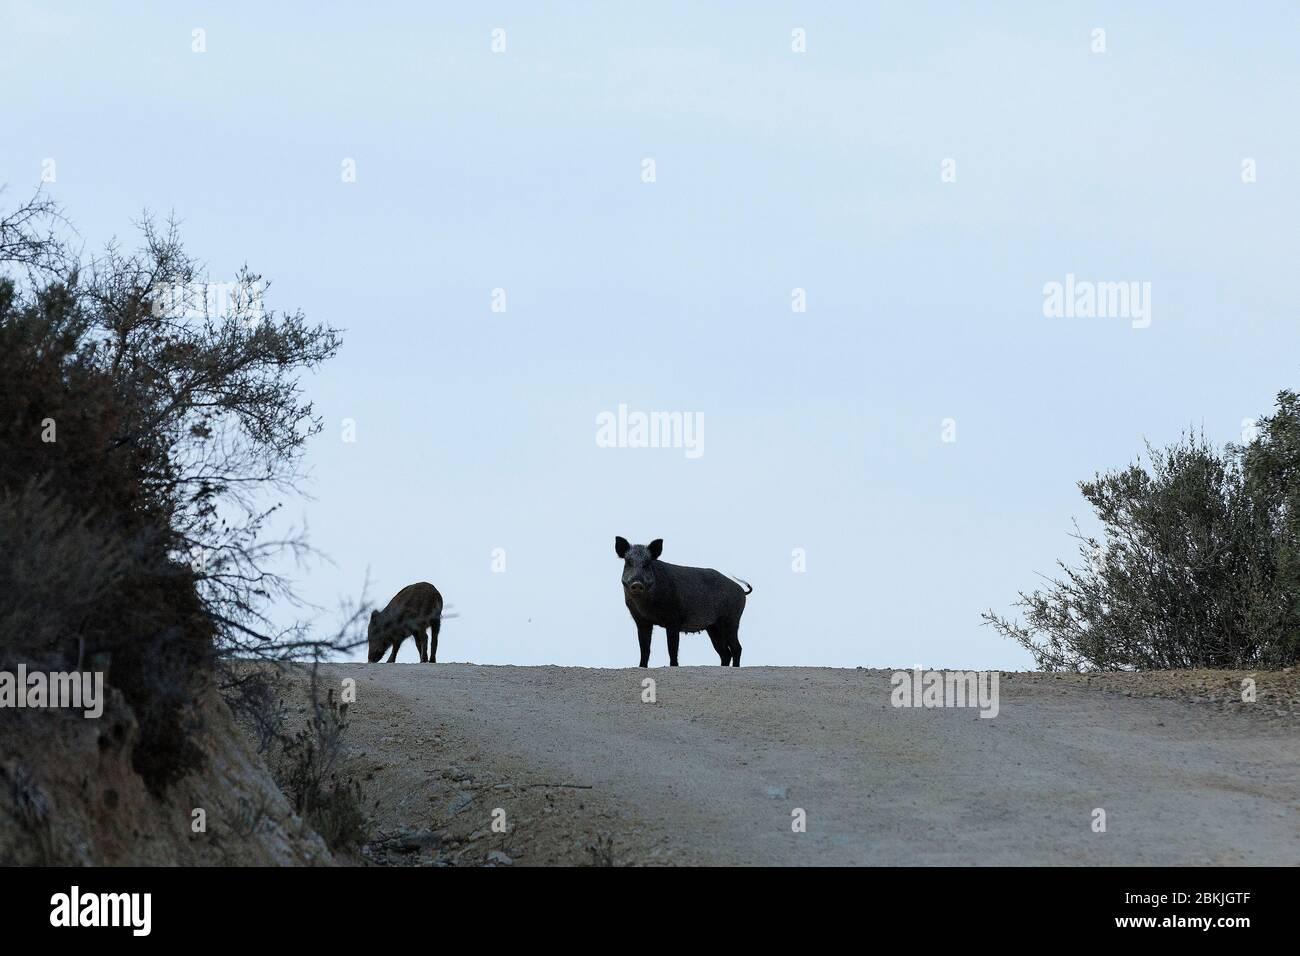 Francia, Corse du Sud, Domaine de Murtoli, jabalíes (mención obligatoria Domaine de Murtoli) Foto de stock